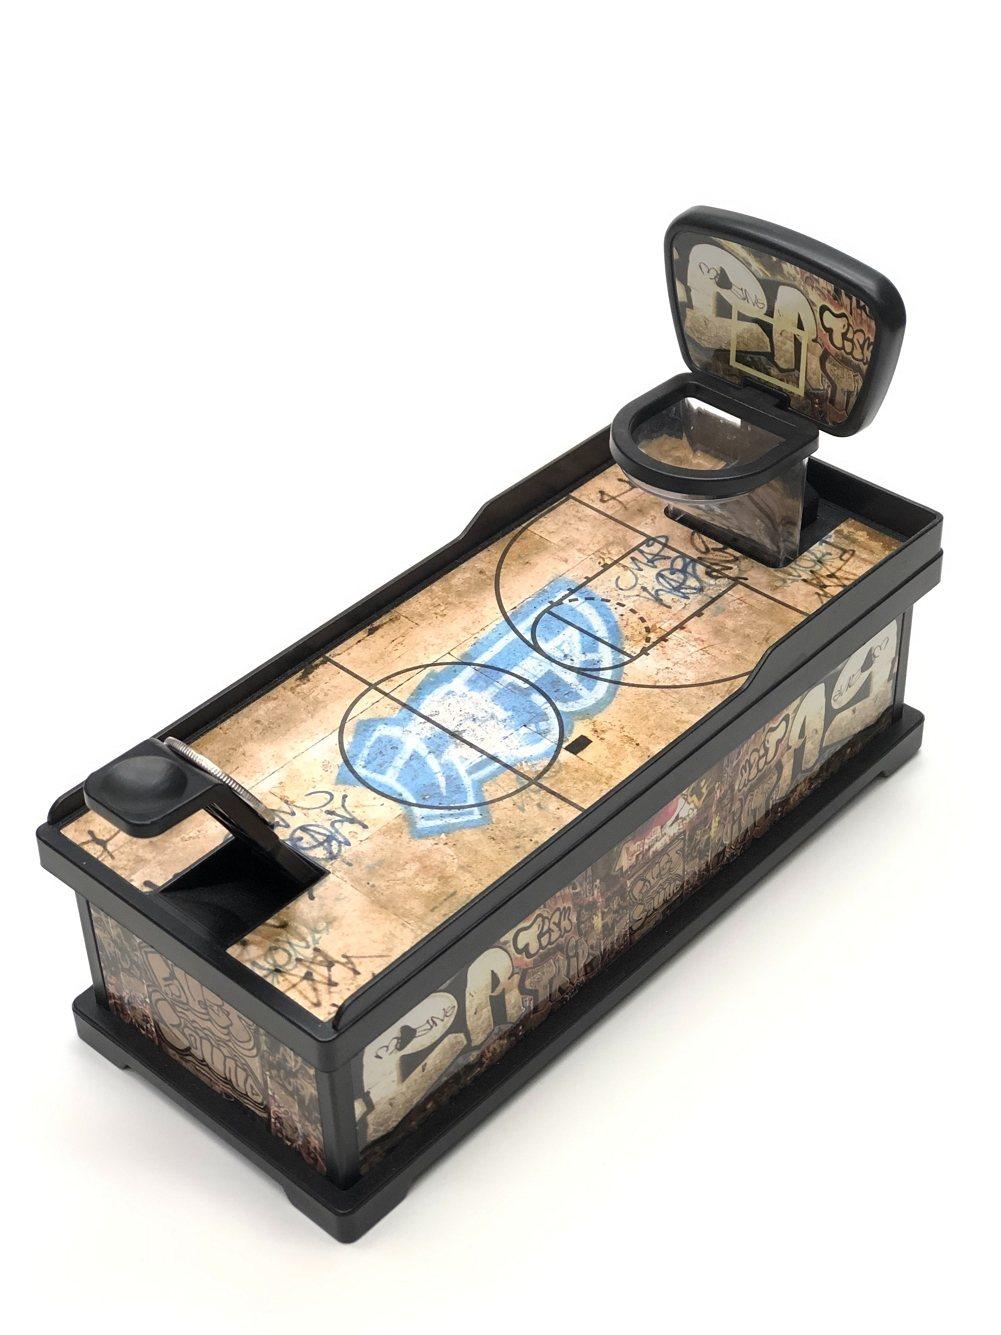 訓練手指技巧的投籃存錢筒。 圖/野蜂國際開發有限公司 提供